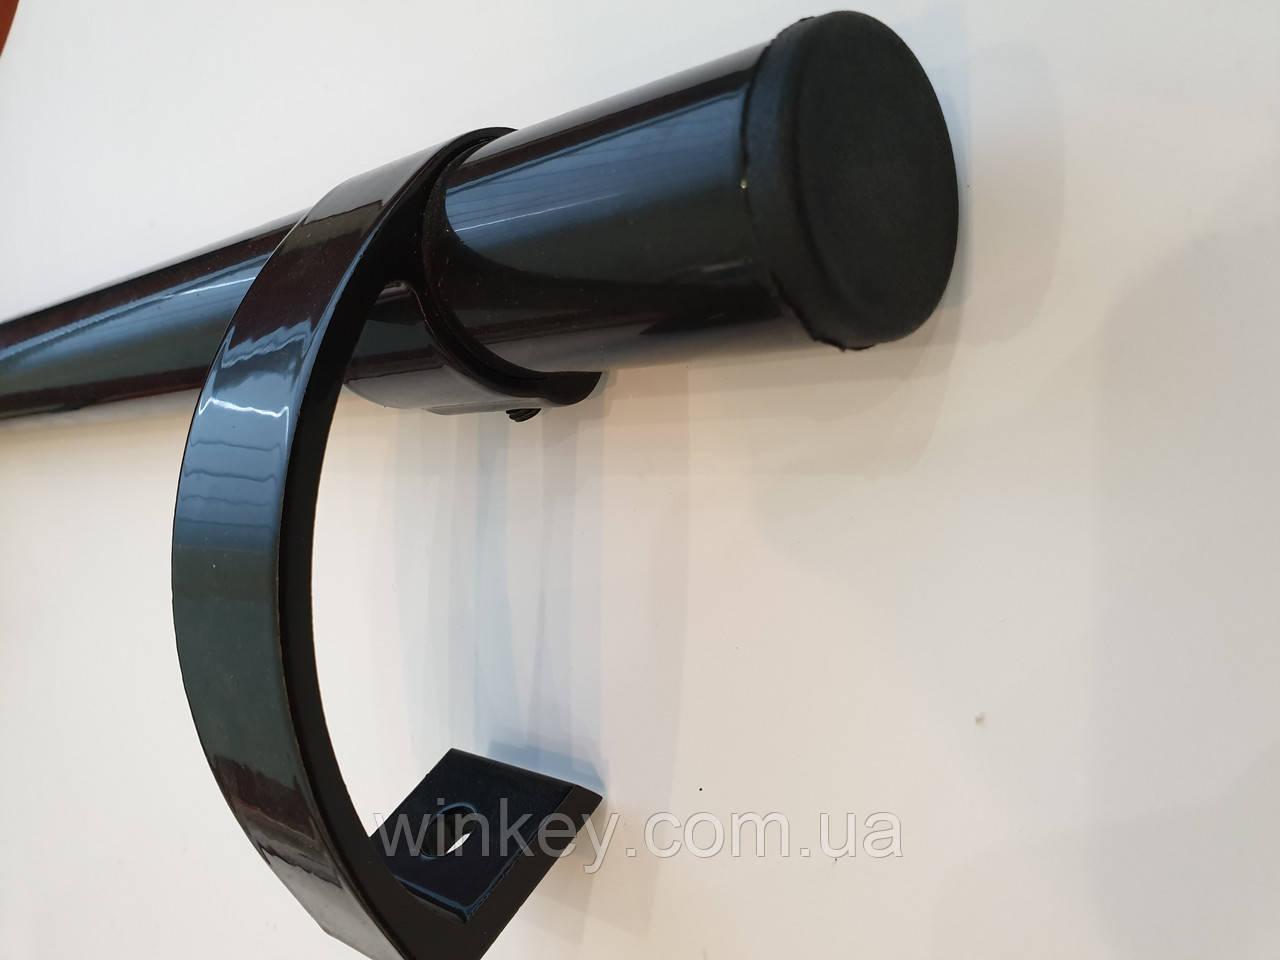 Ручка дверная офисная прямая 500 мм антрацит